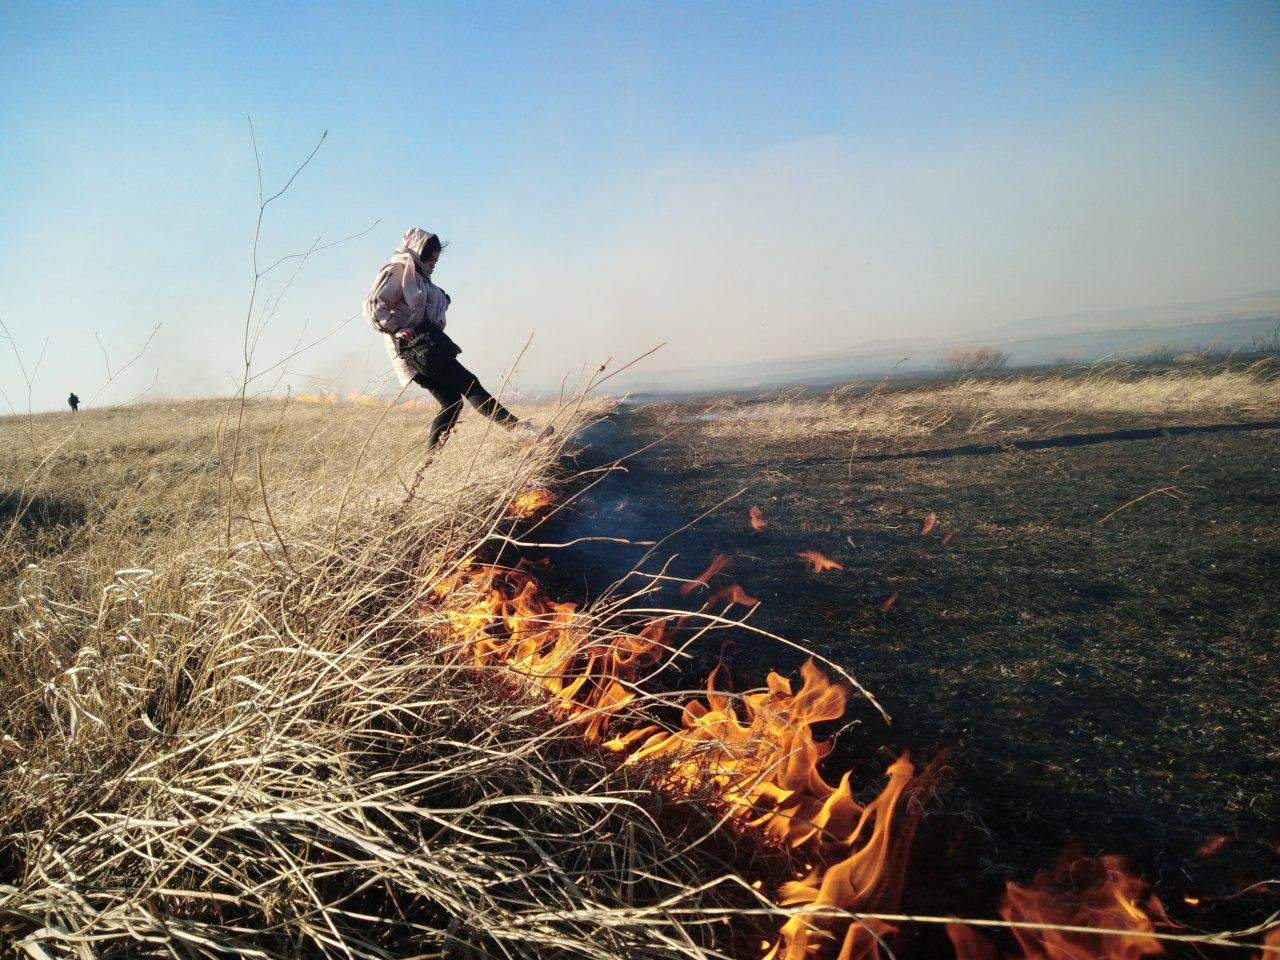 Власти ввели особый противопожарный режим в большинстве районов края